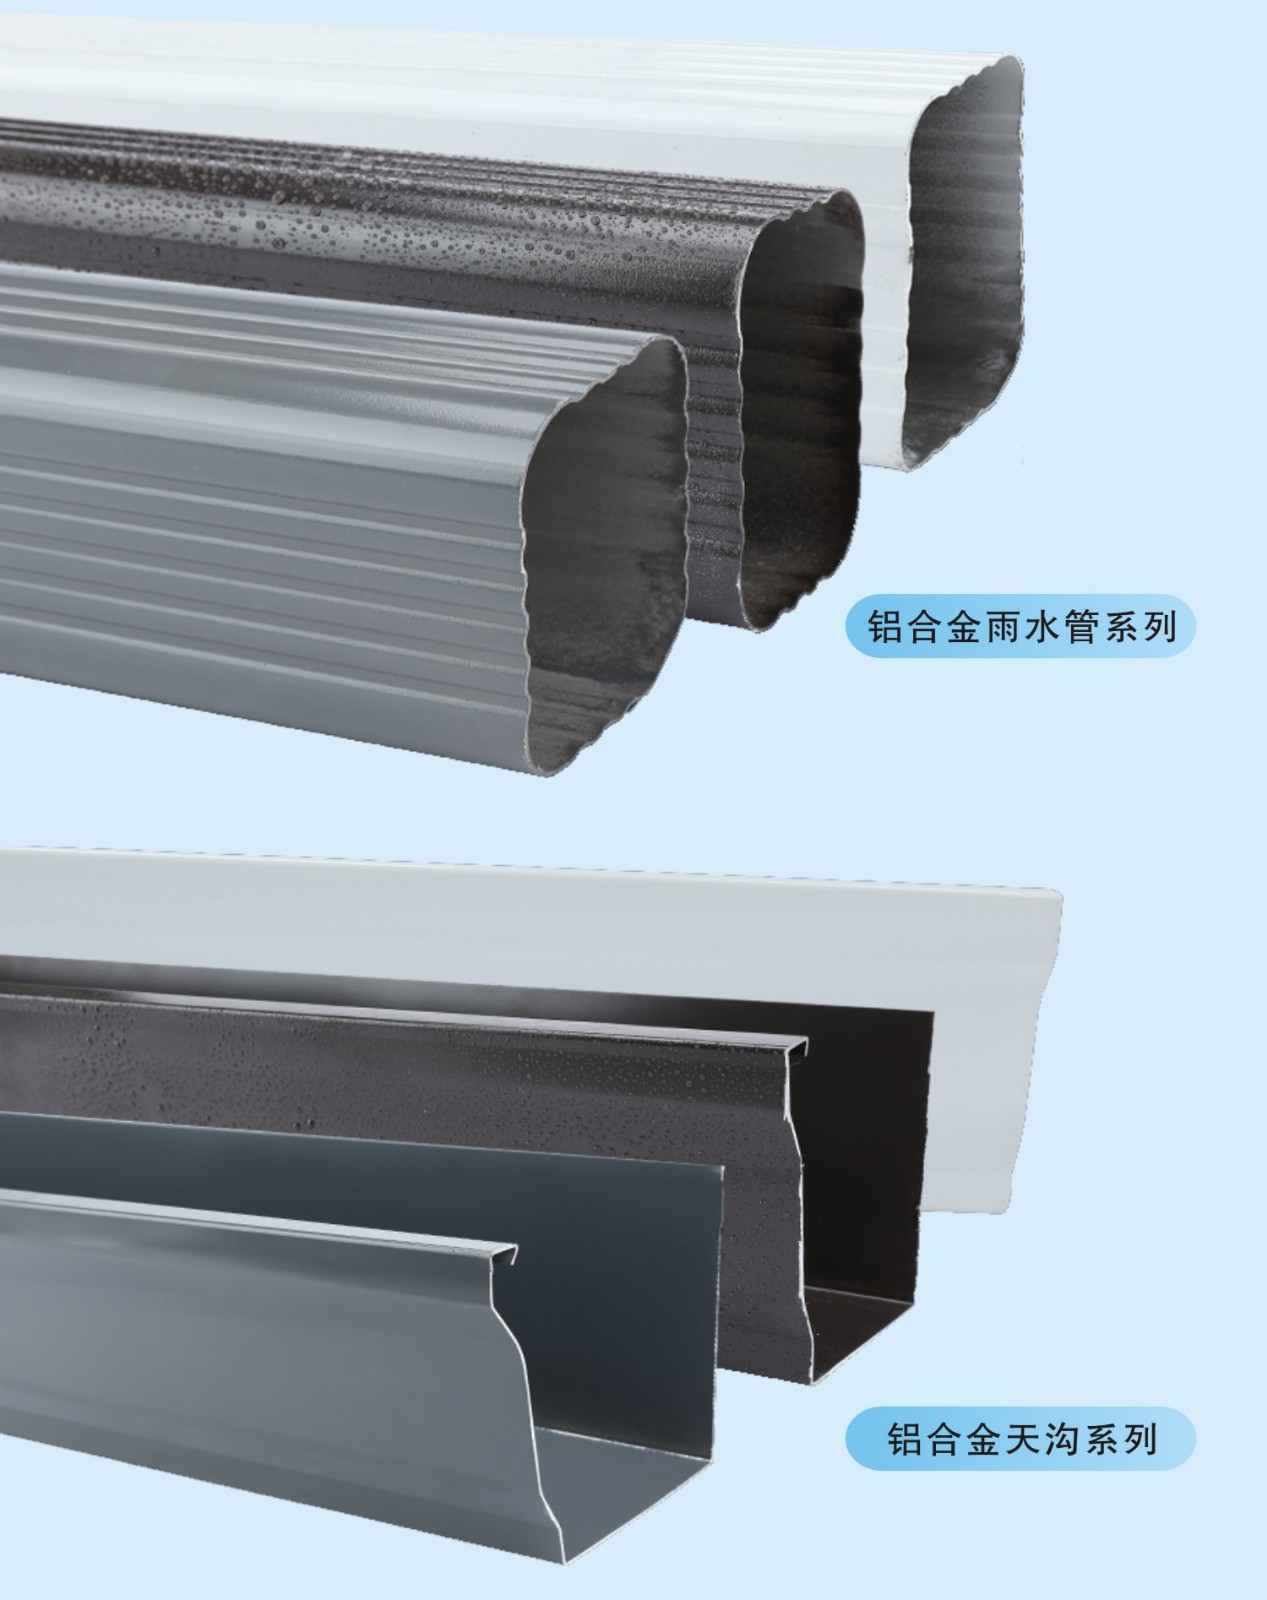 临汾市蒲县金属雨水槽厂家质量